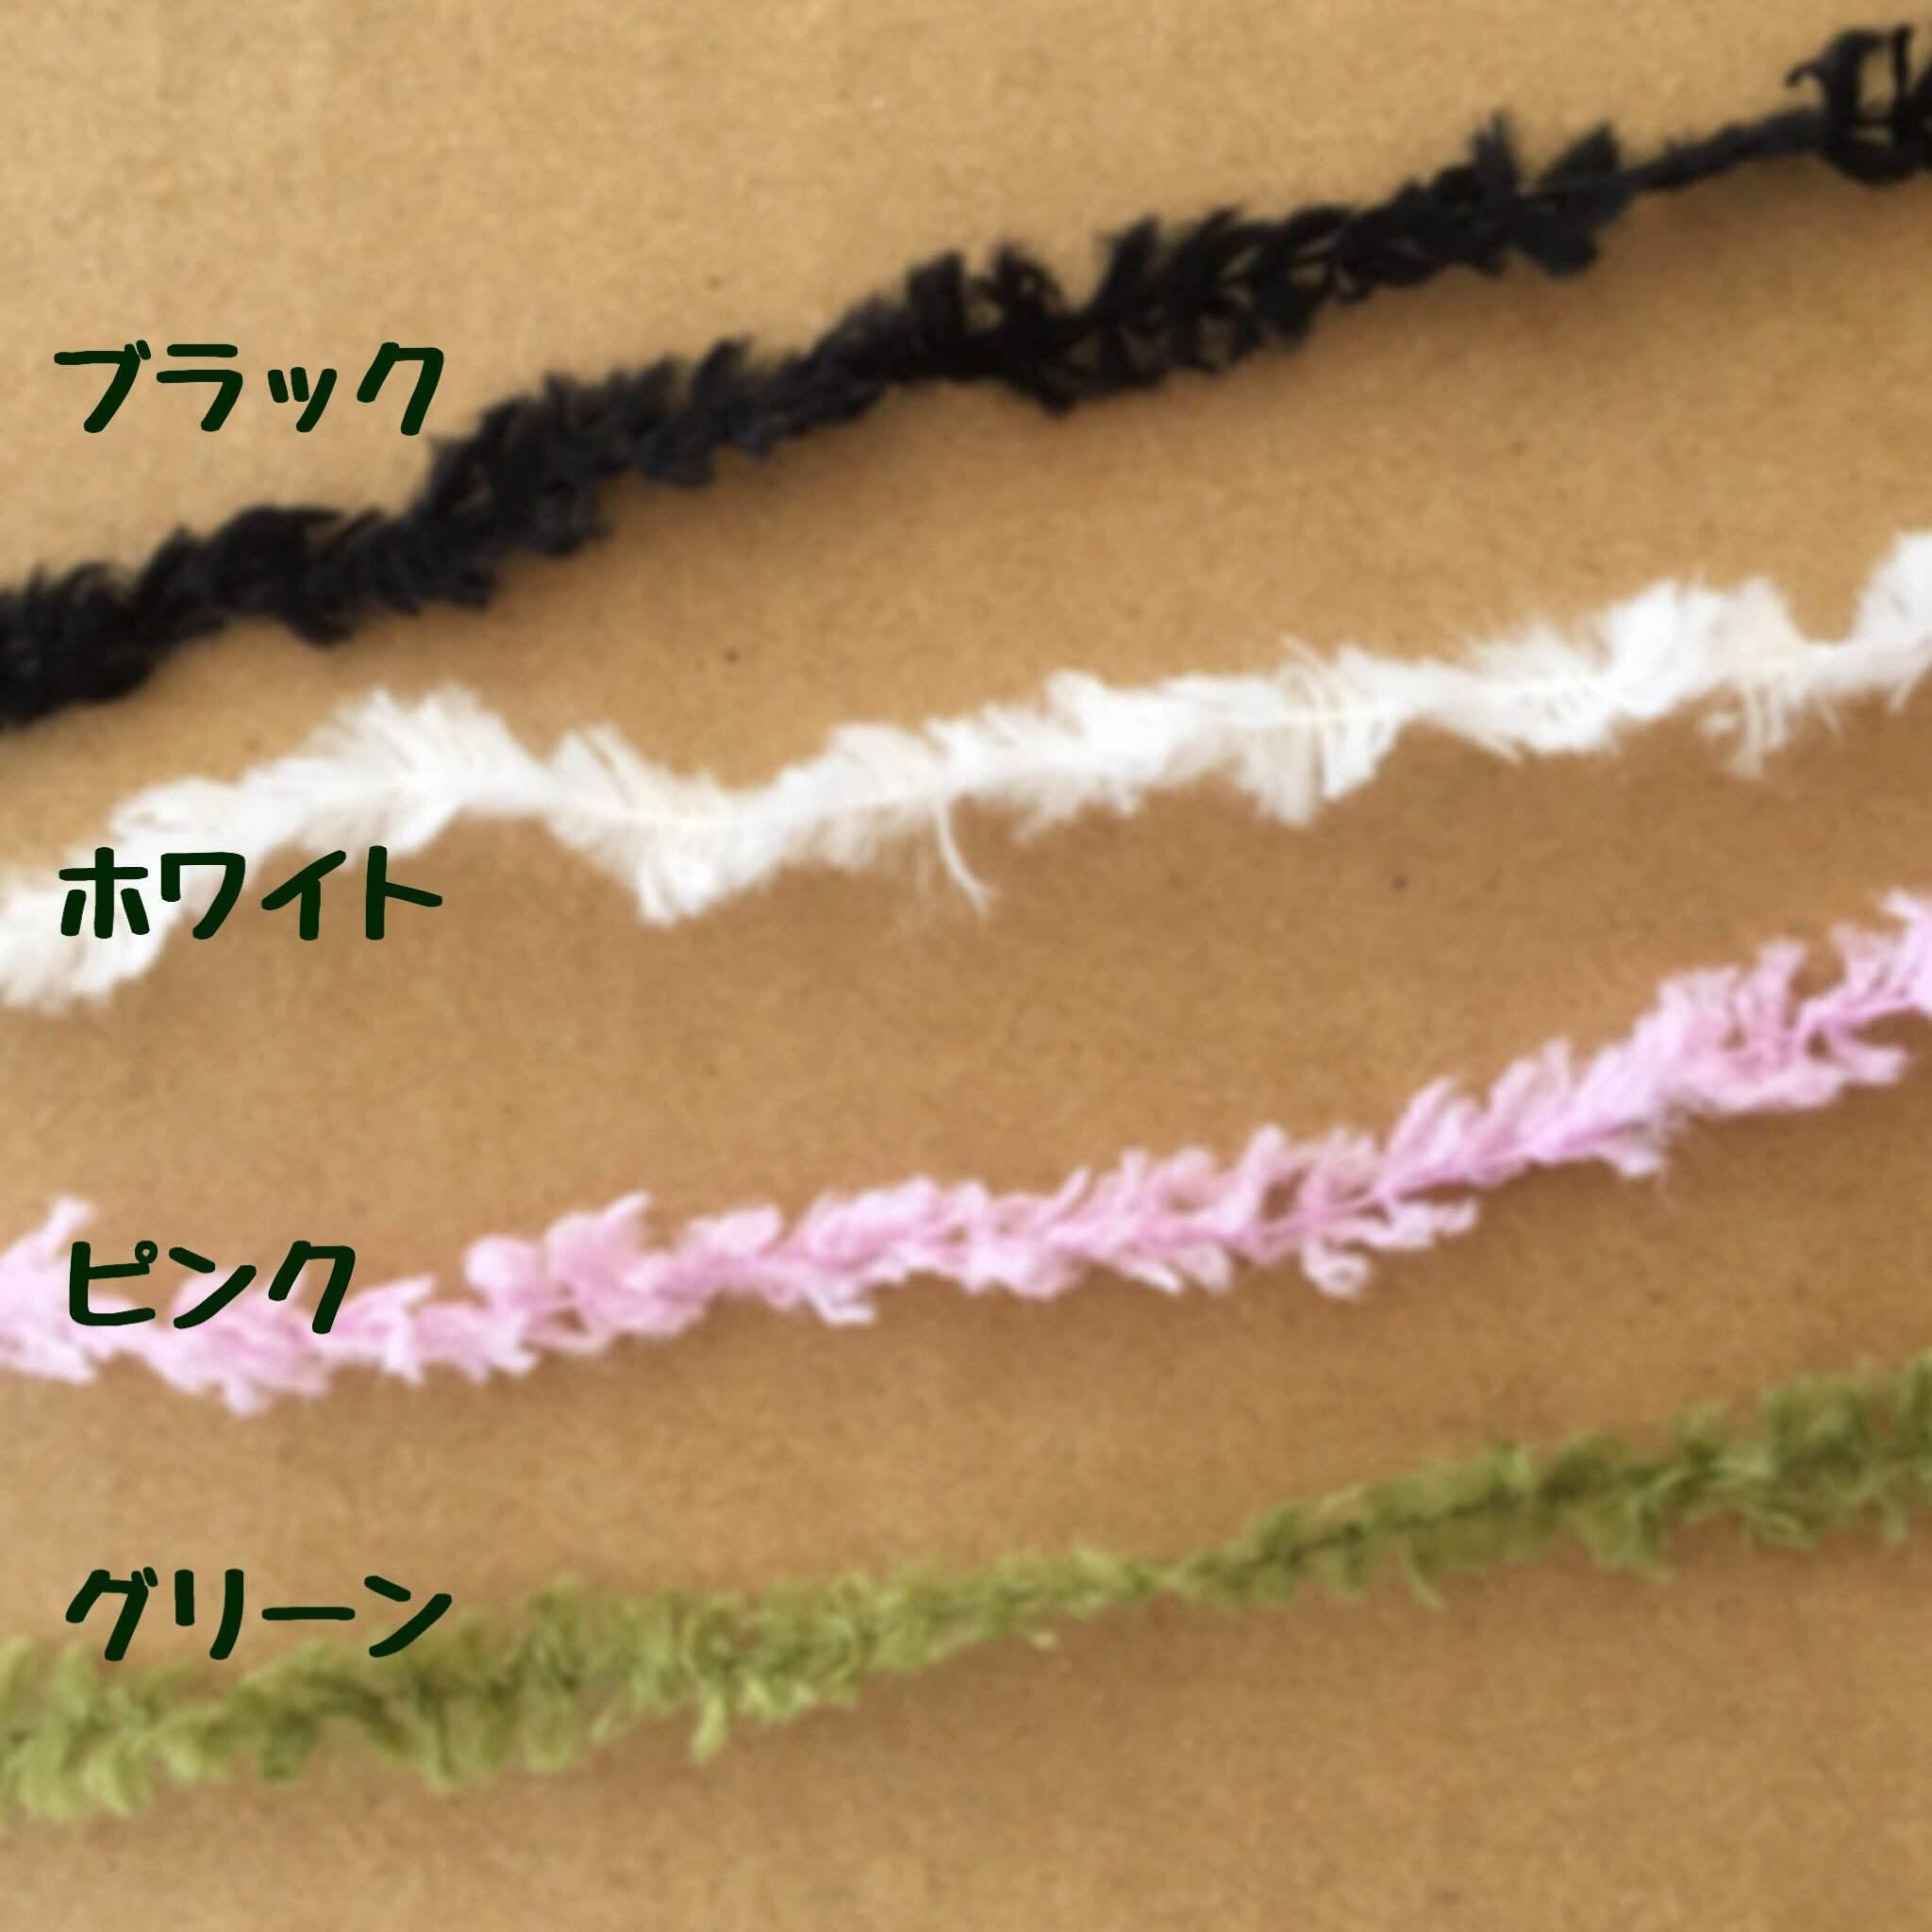 ギャザリング水苔2個&ベラボンサキュレント1袋 セット - 画像2